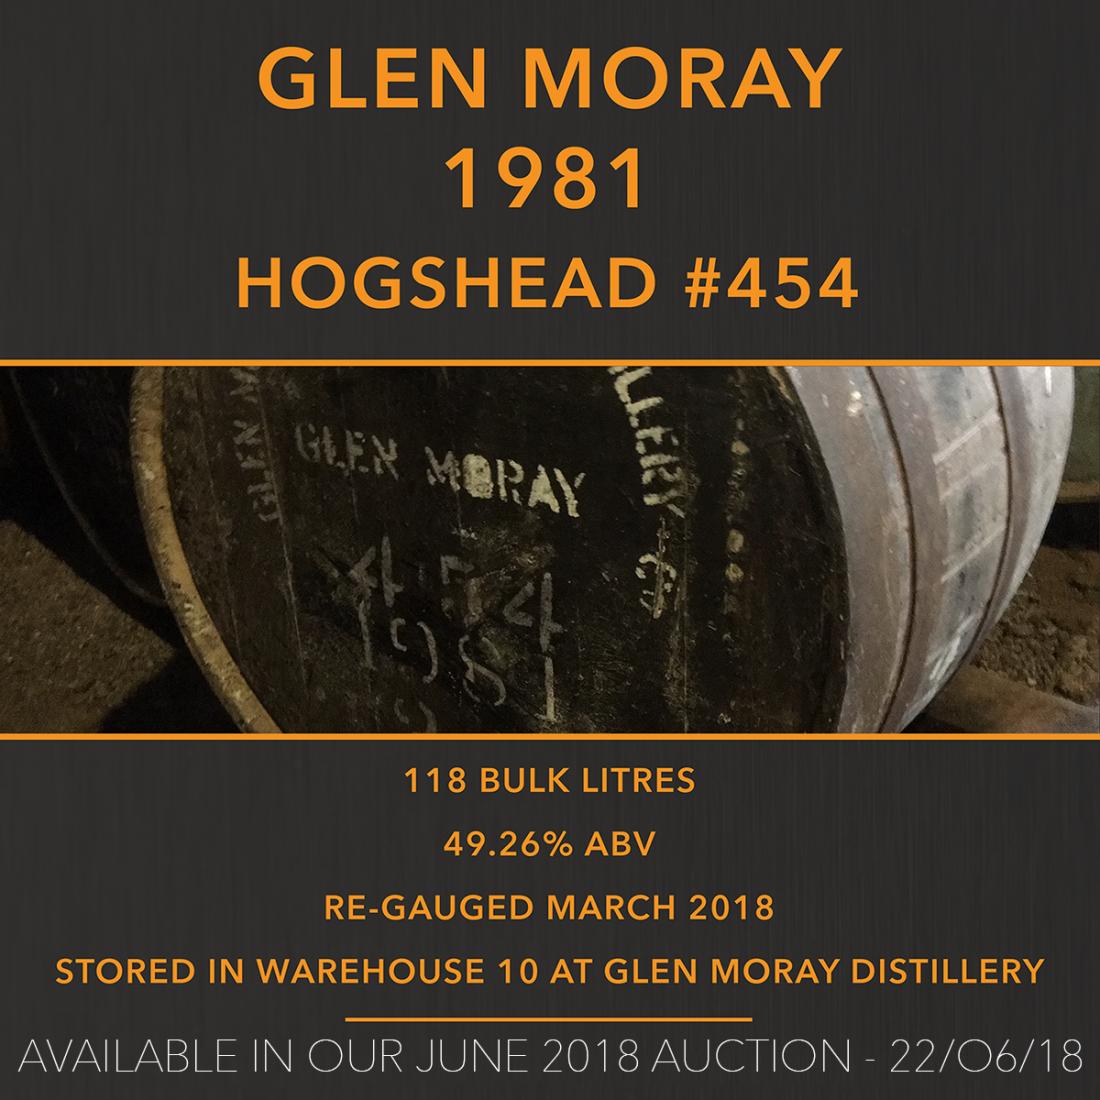 1 Glen Moray 1981 Hogshead #454 / Cask in storage at Glen Moray